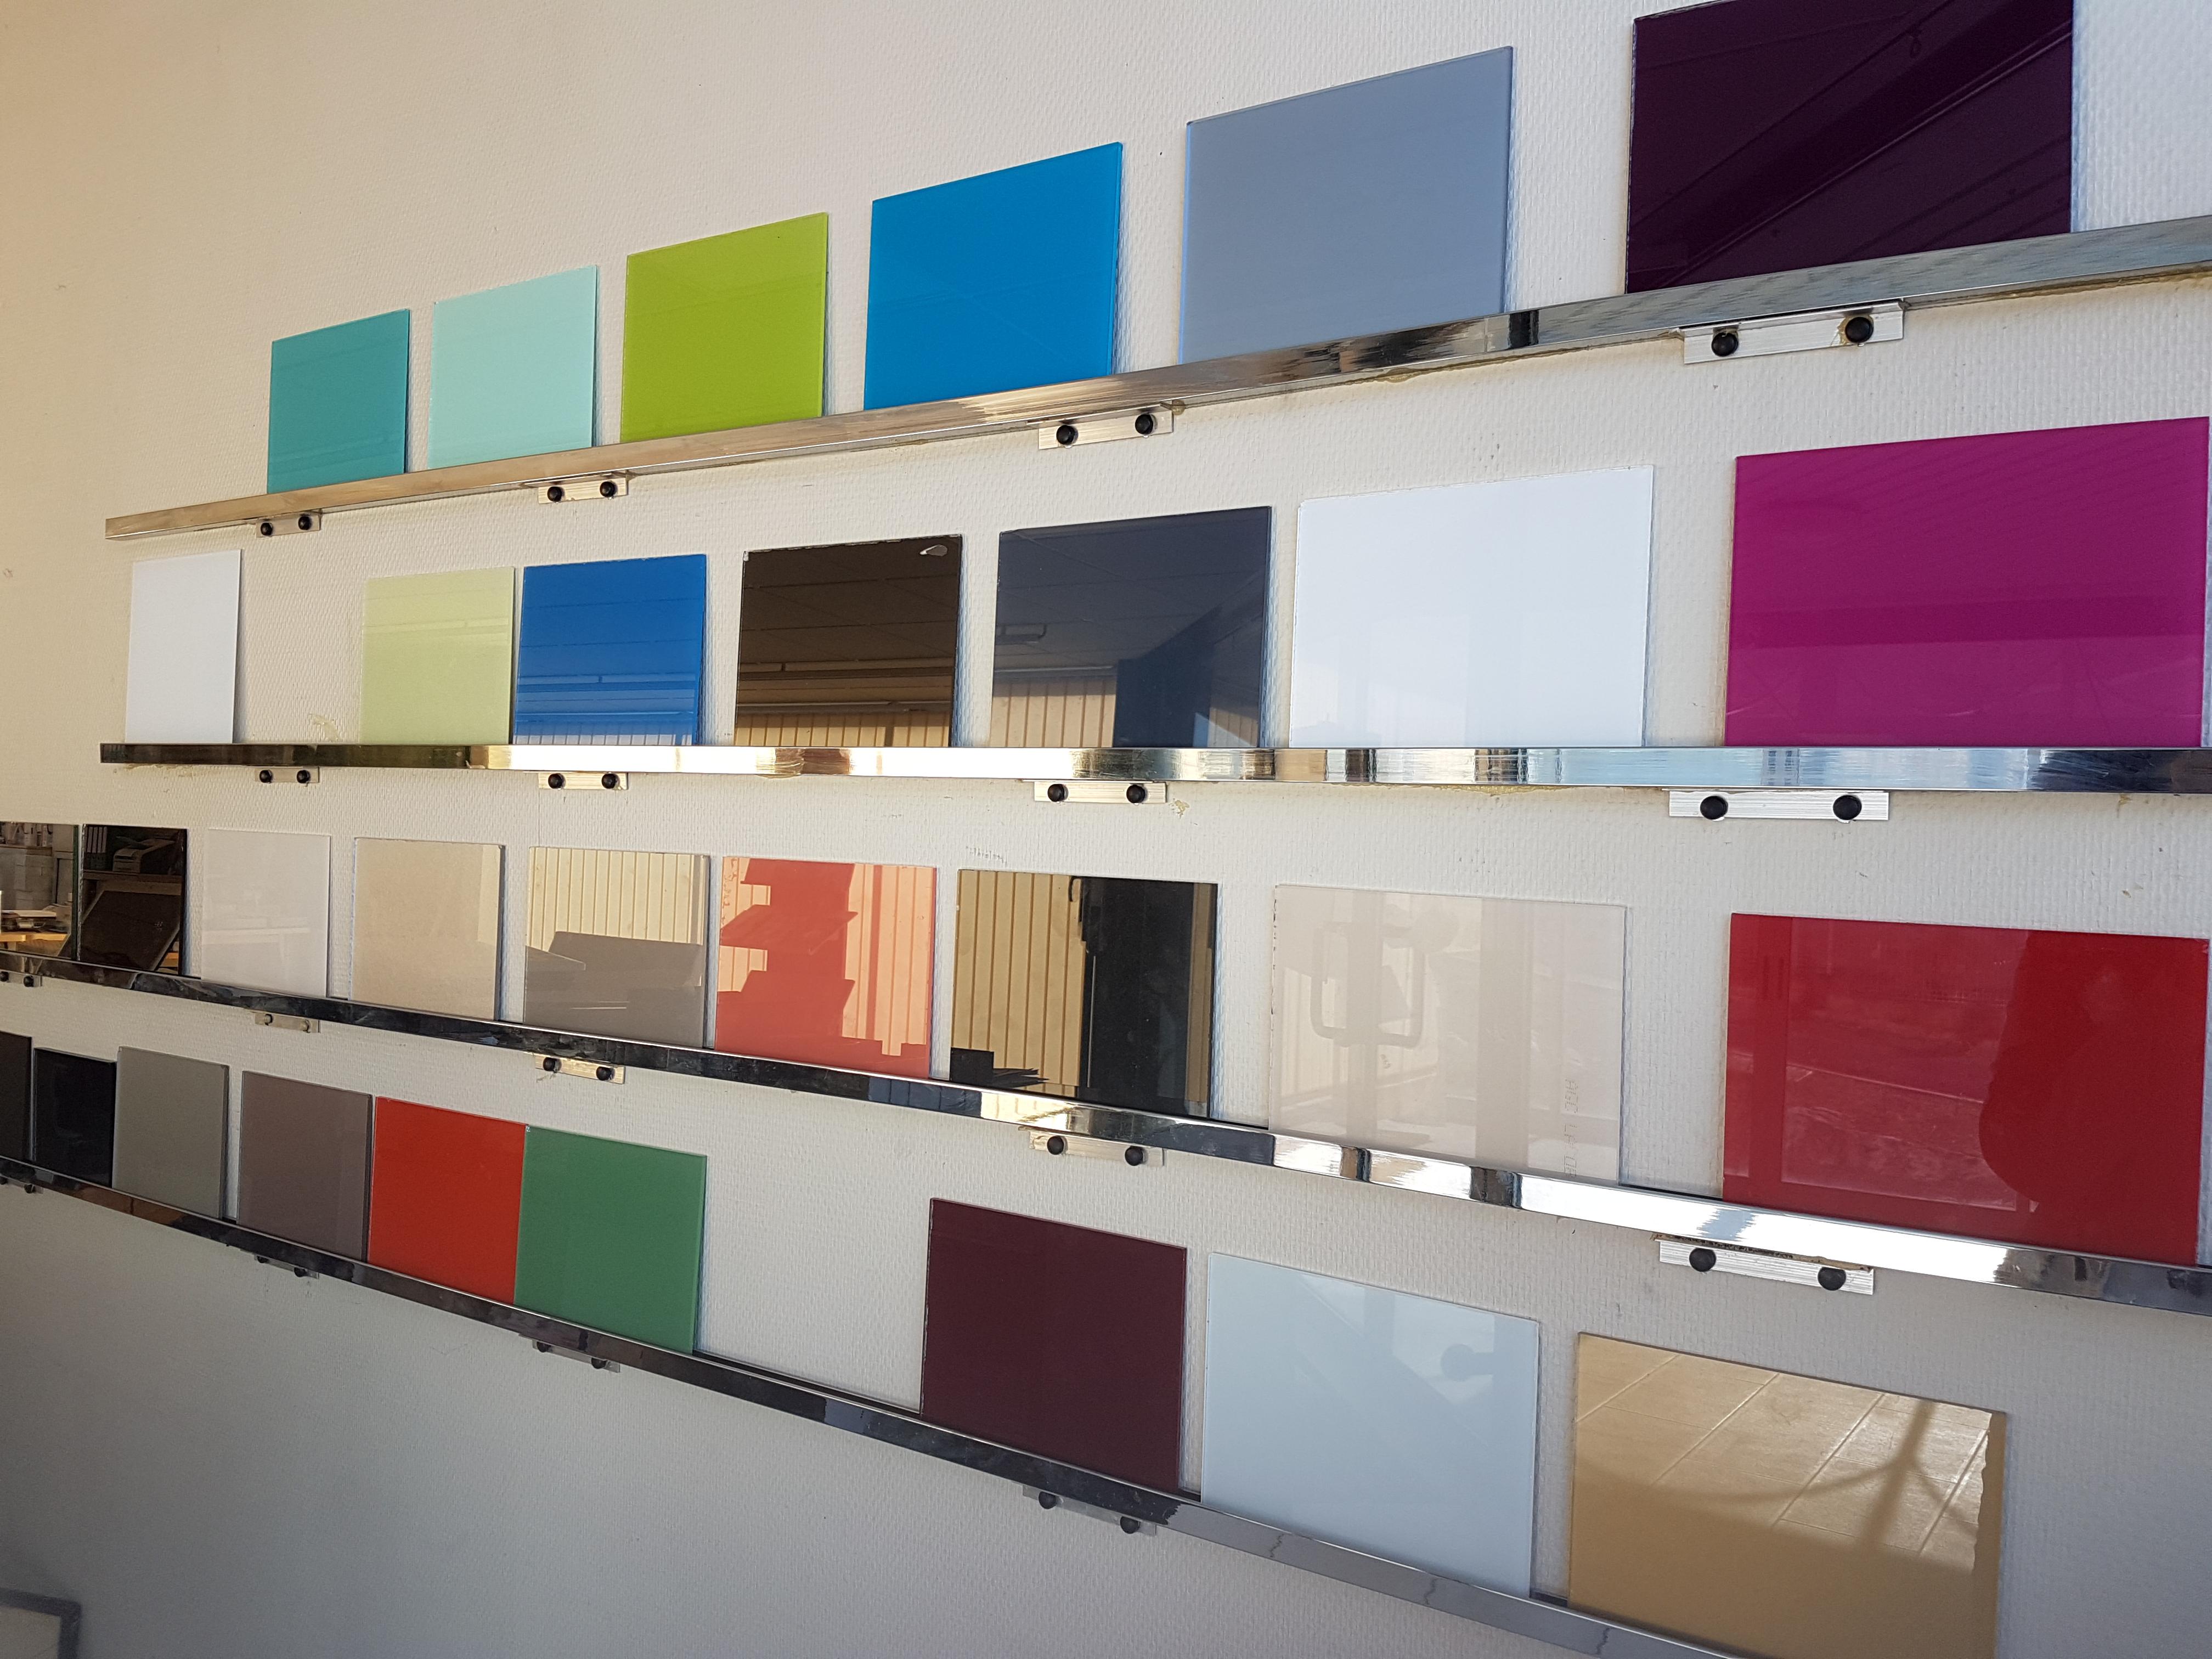 delmas votre menuiserie et miroiterie gaillac fabrication sur mesure. Black Bedroom Furniture Sets. Home Design Ideas